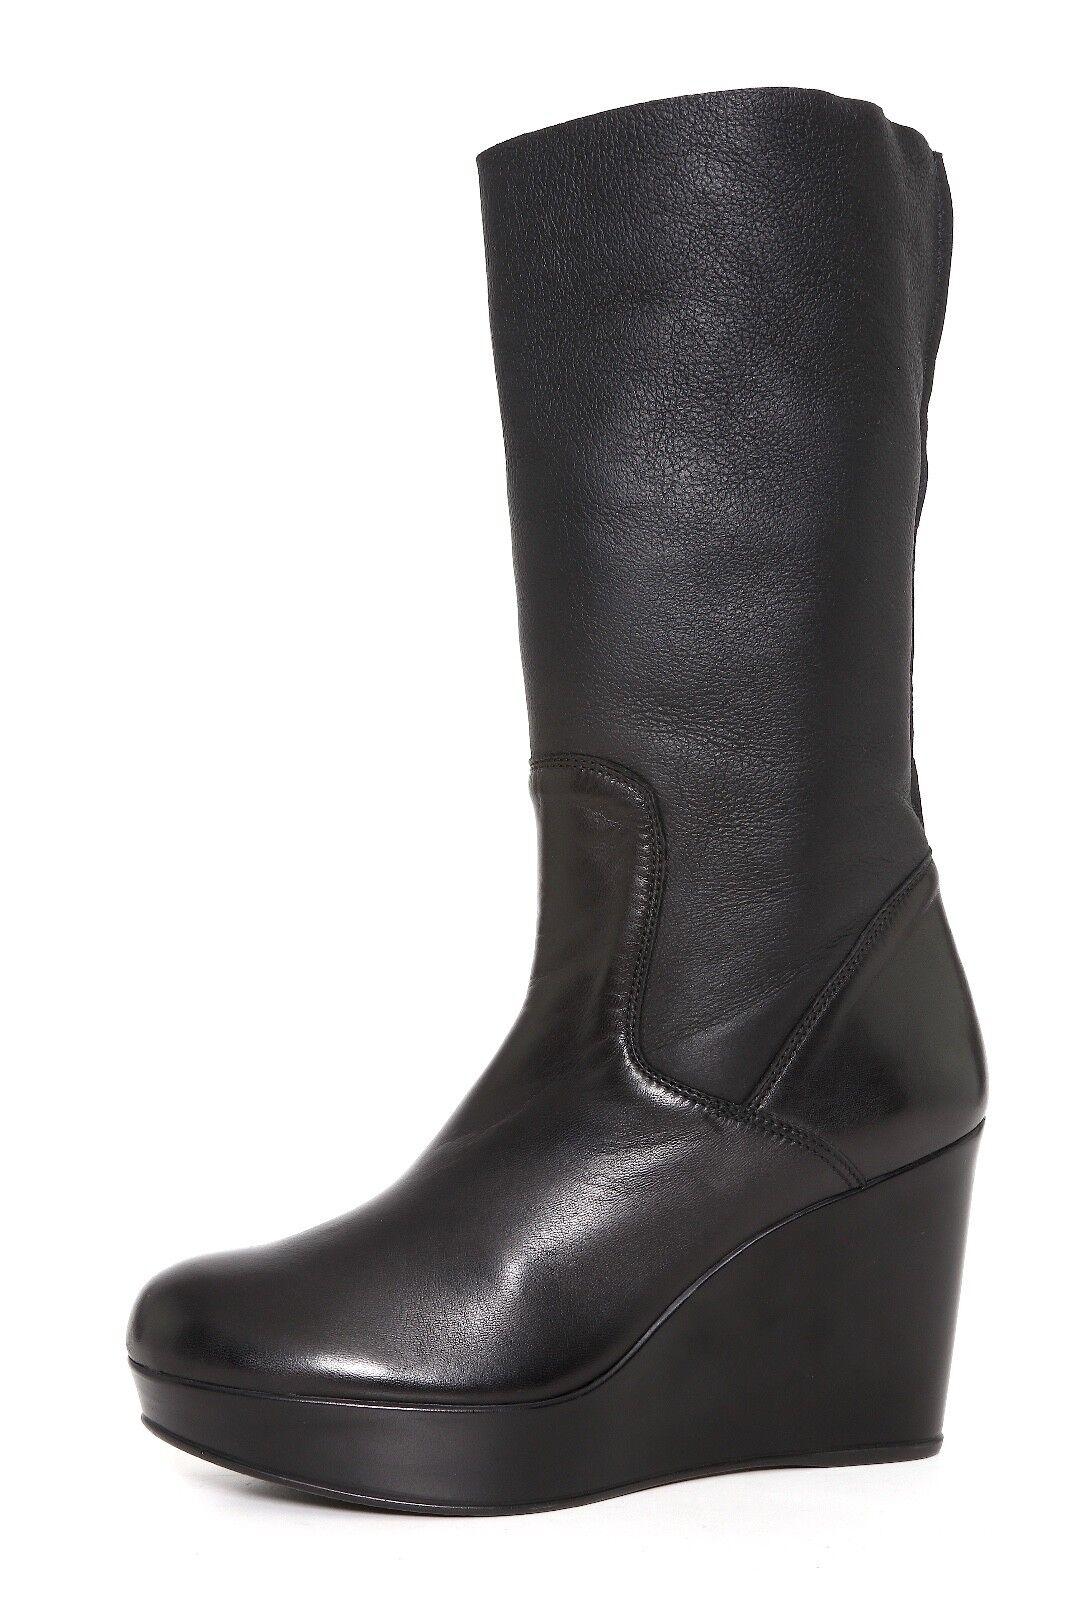 Stuart Weitzman bota de cuña de nieve de cuero cuero cuero Negro para Mujeres Talla 11 M 6578   venta al por mayor barato